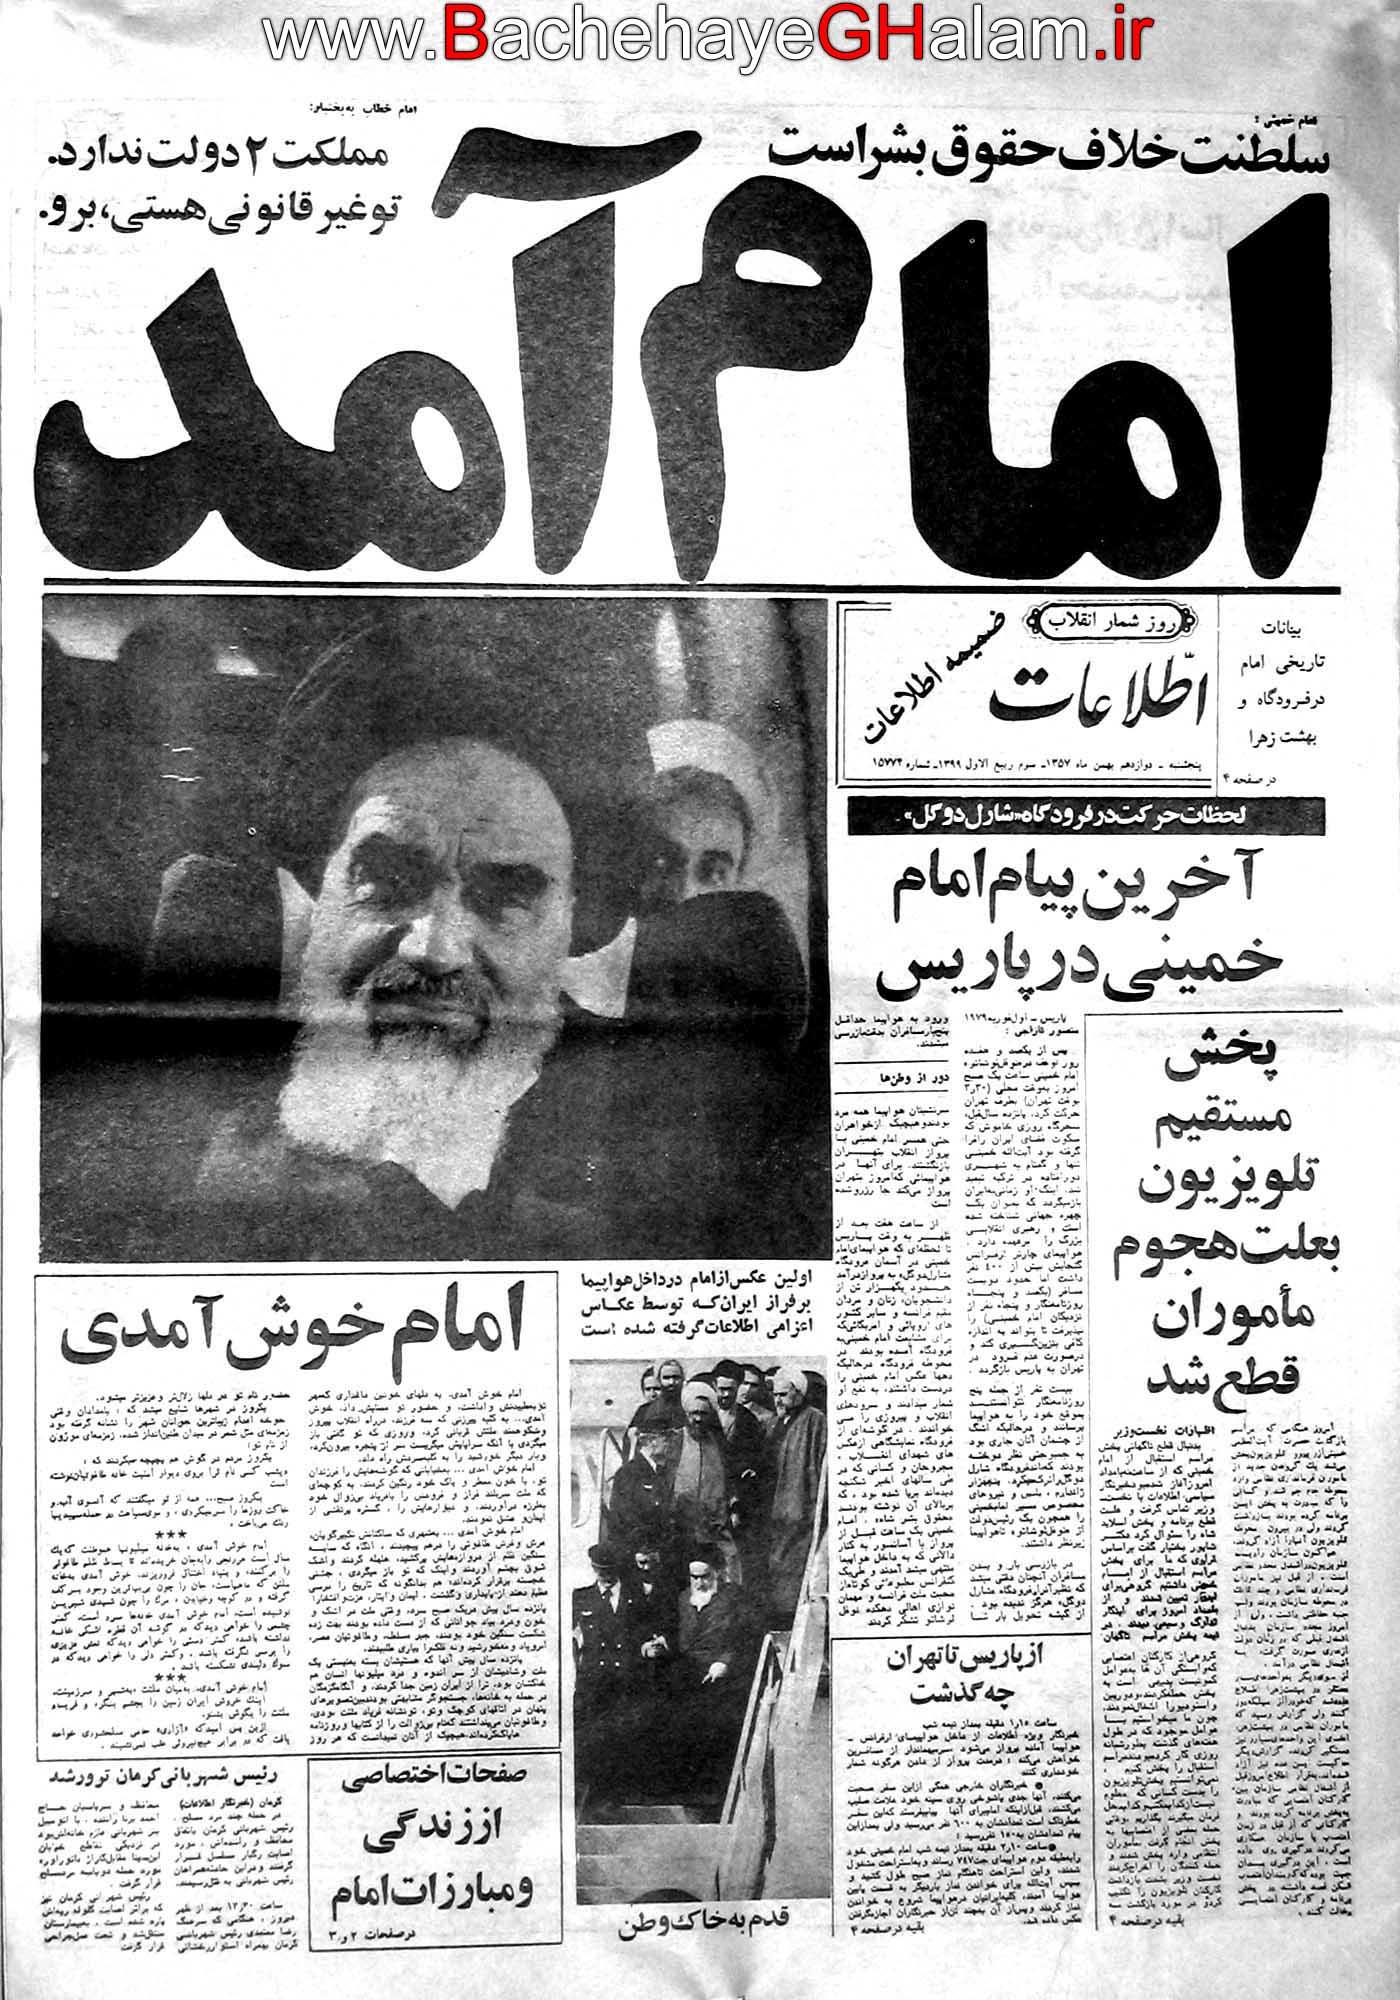 مهر نوشته هاي ولايت مسير با قلم سرخ - امام خميني ره و امام خامنه اي